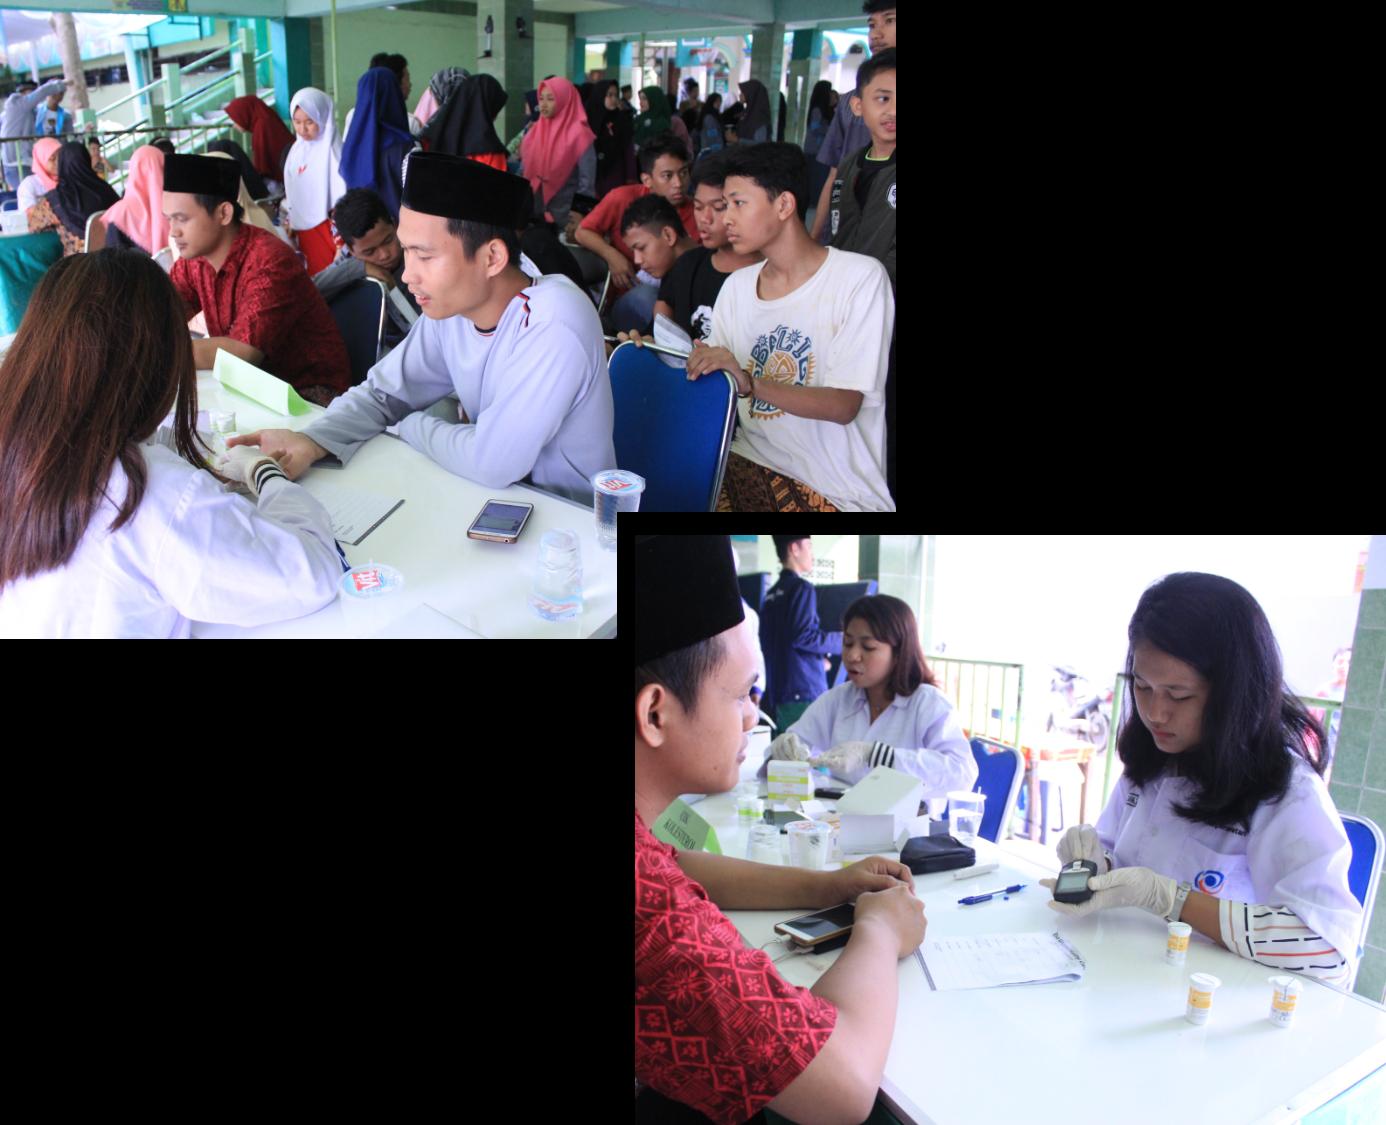 Esa Unggul Gelar Bakti Sosial dan Seminar Meriahkan Harlah Pondok Pesantren Asshiddiqiyah Jakarta Barat